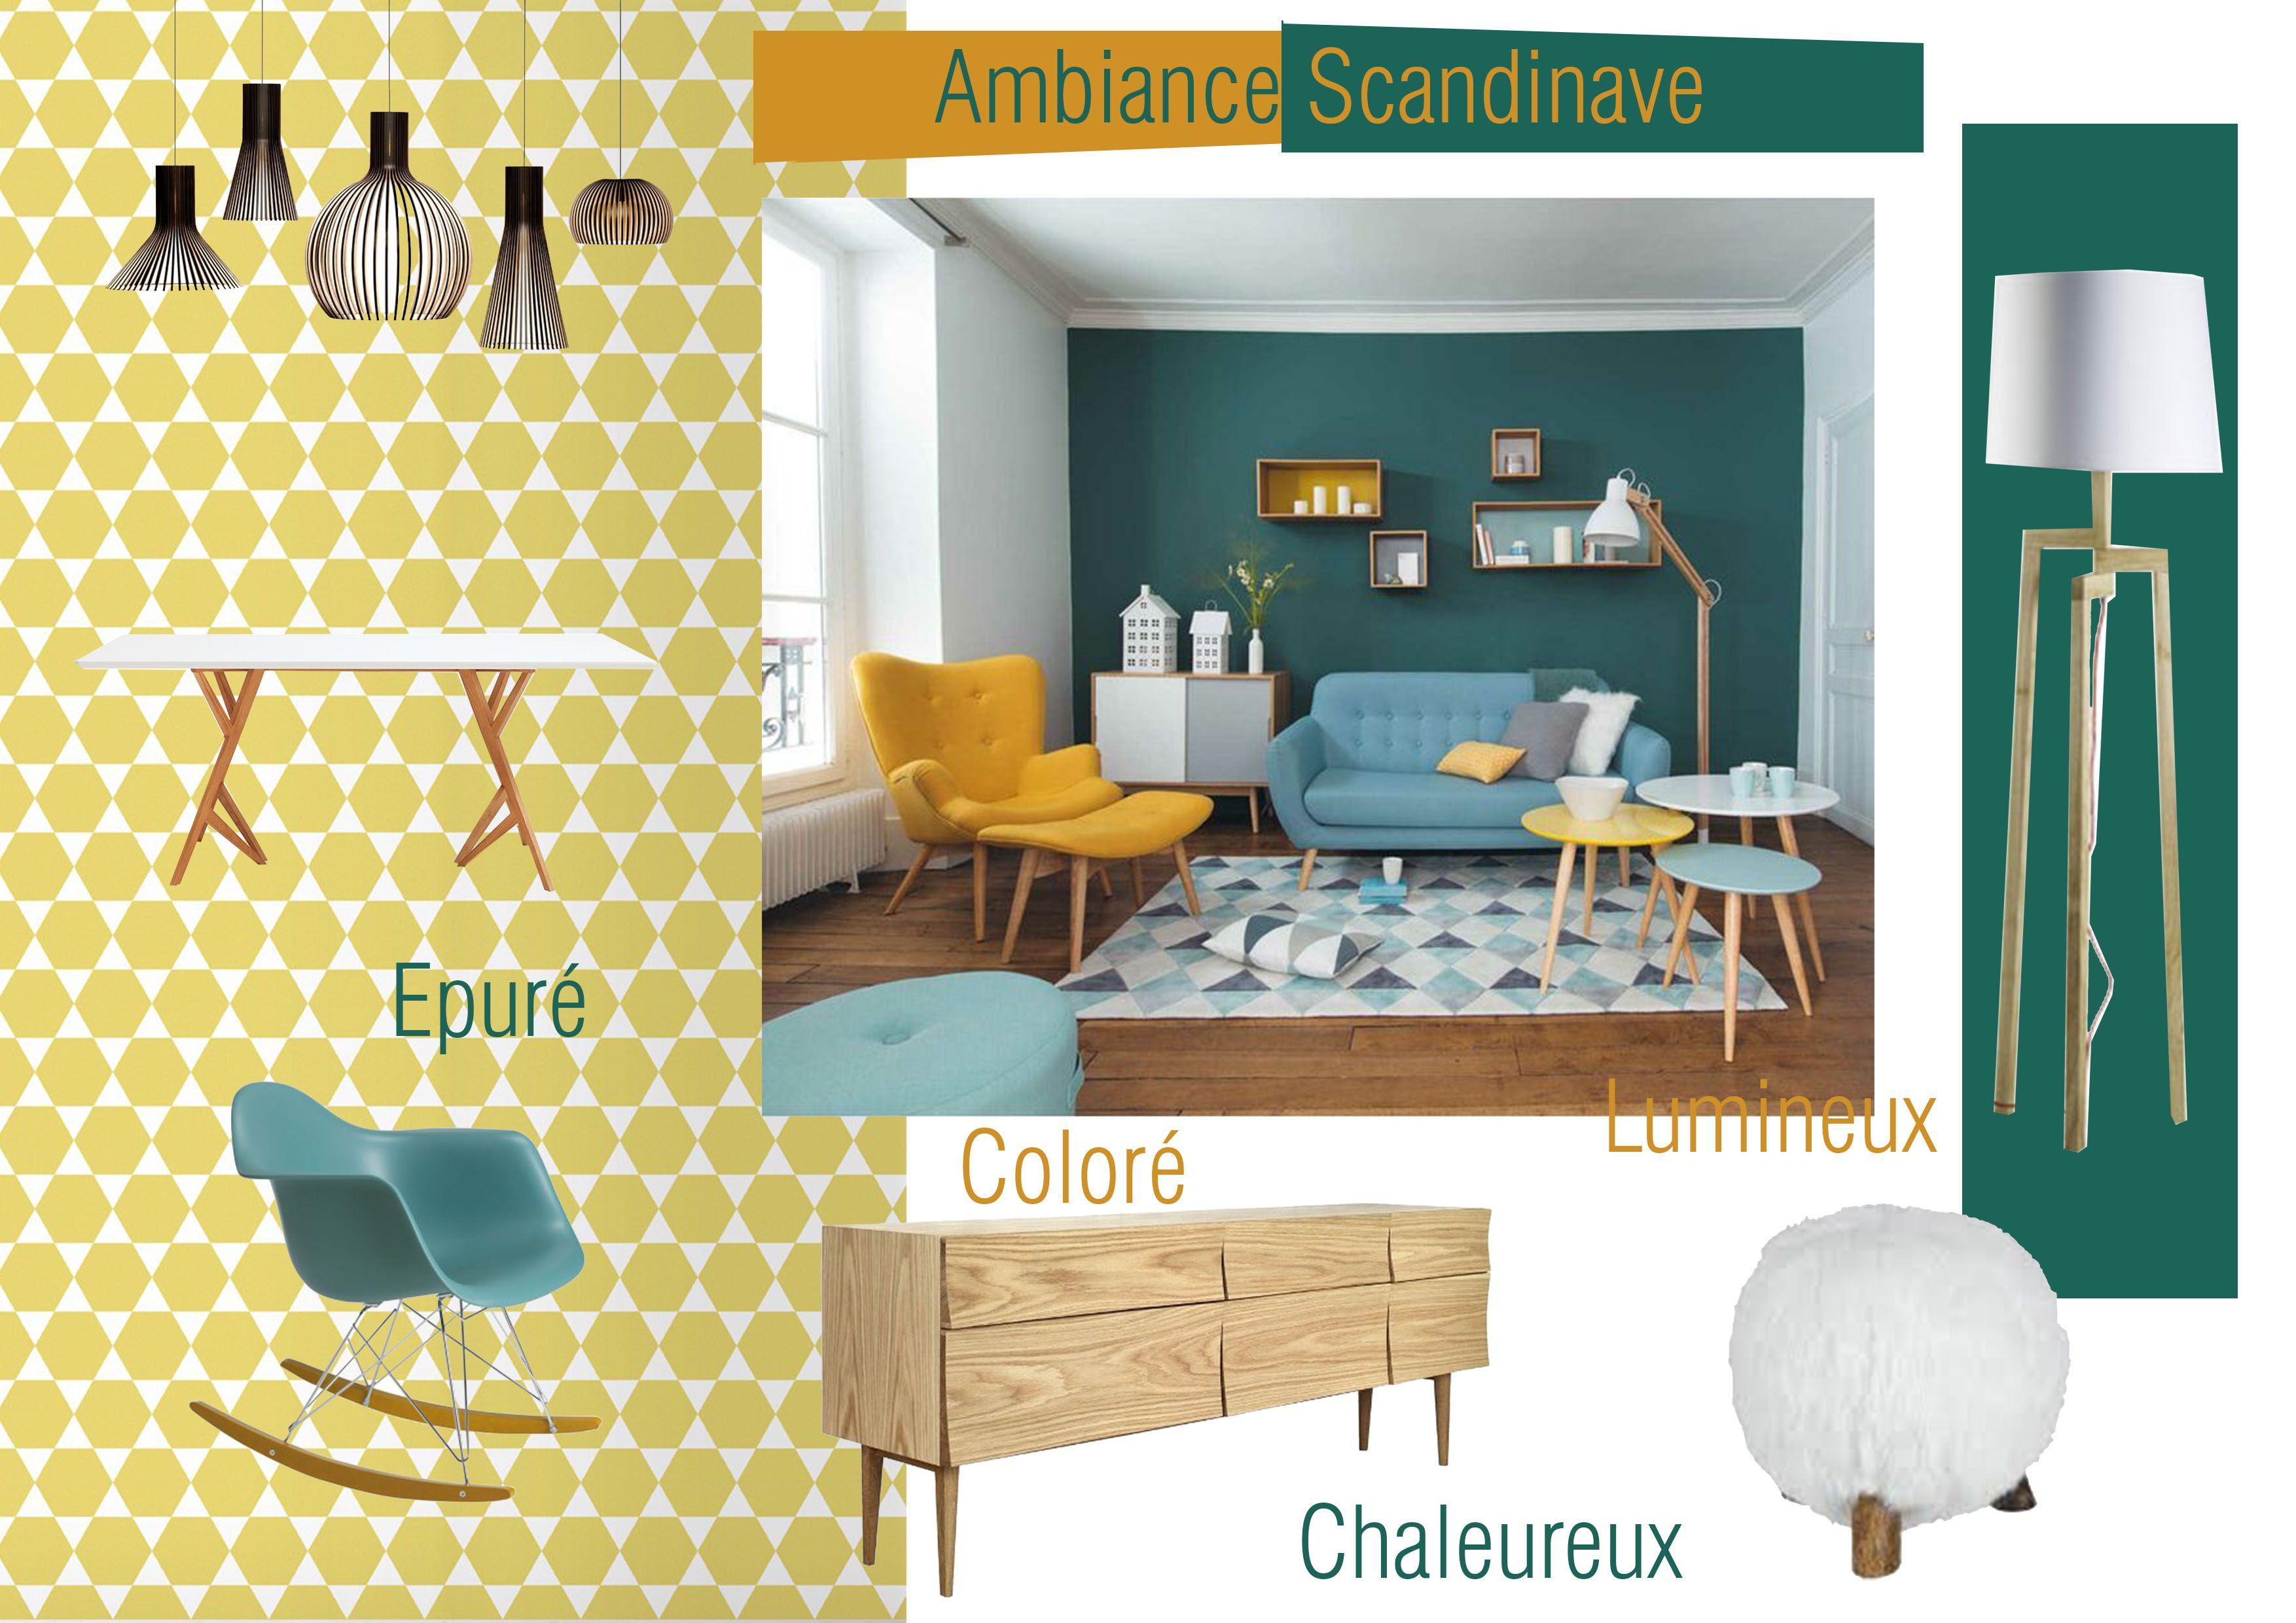 Planche ambiance style scandinave d coration d 39 int rieur - Style de decoration interieur ...